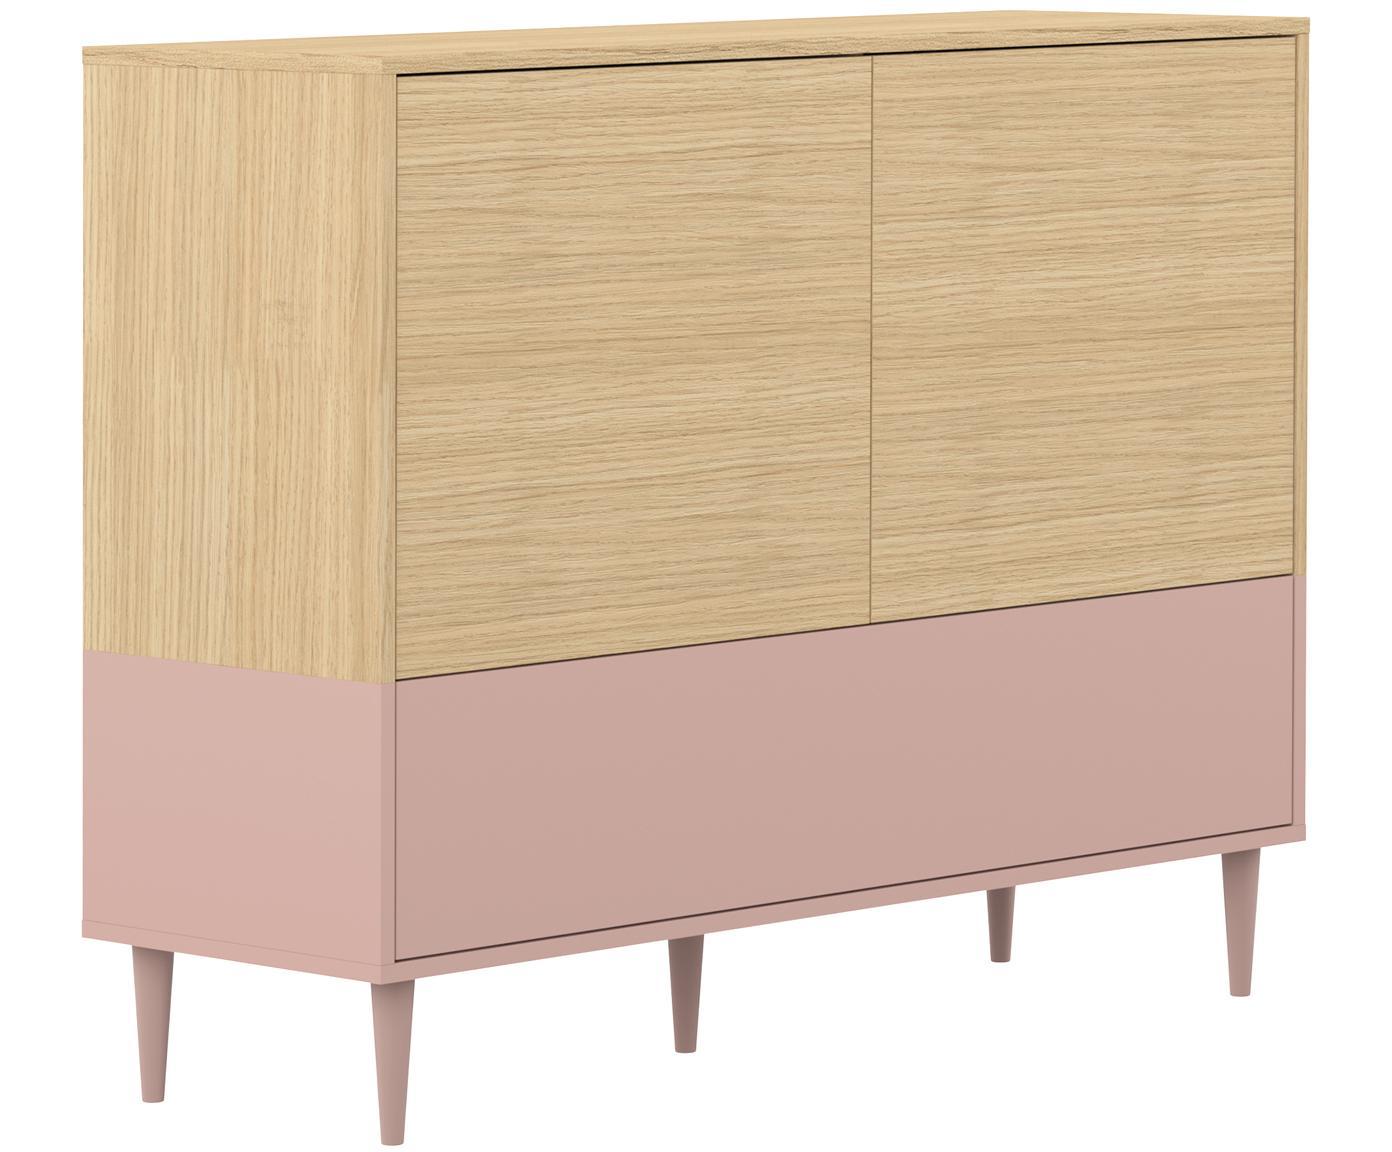 Credenza scandi Horizon, Piedini: legno di faggio, massicci, Legno di quercia, rosa cipria, Larg. 120 x Alt. 95 cm